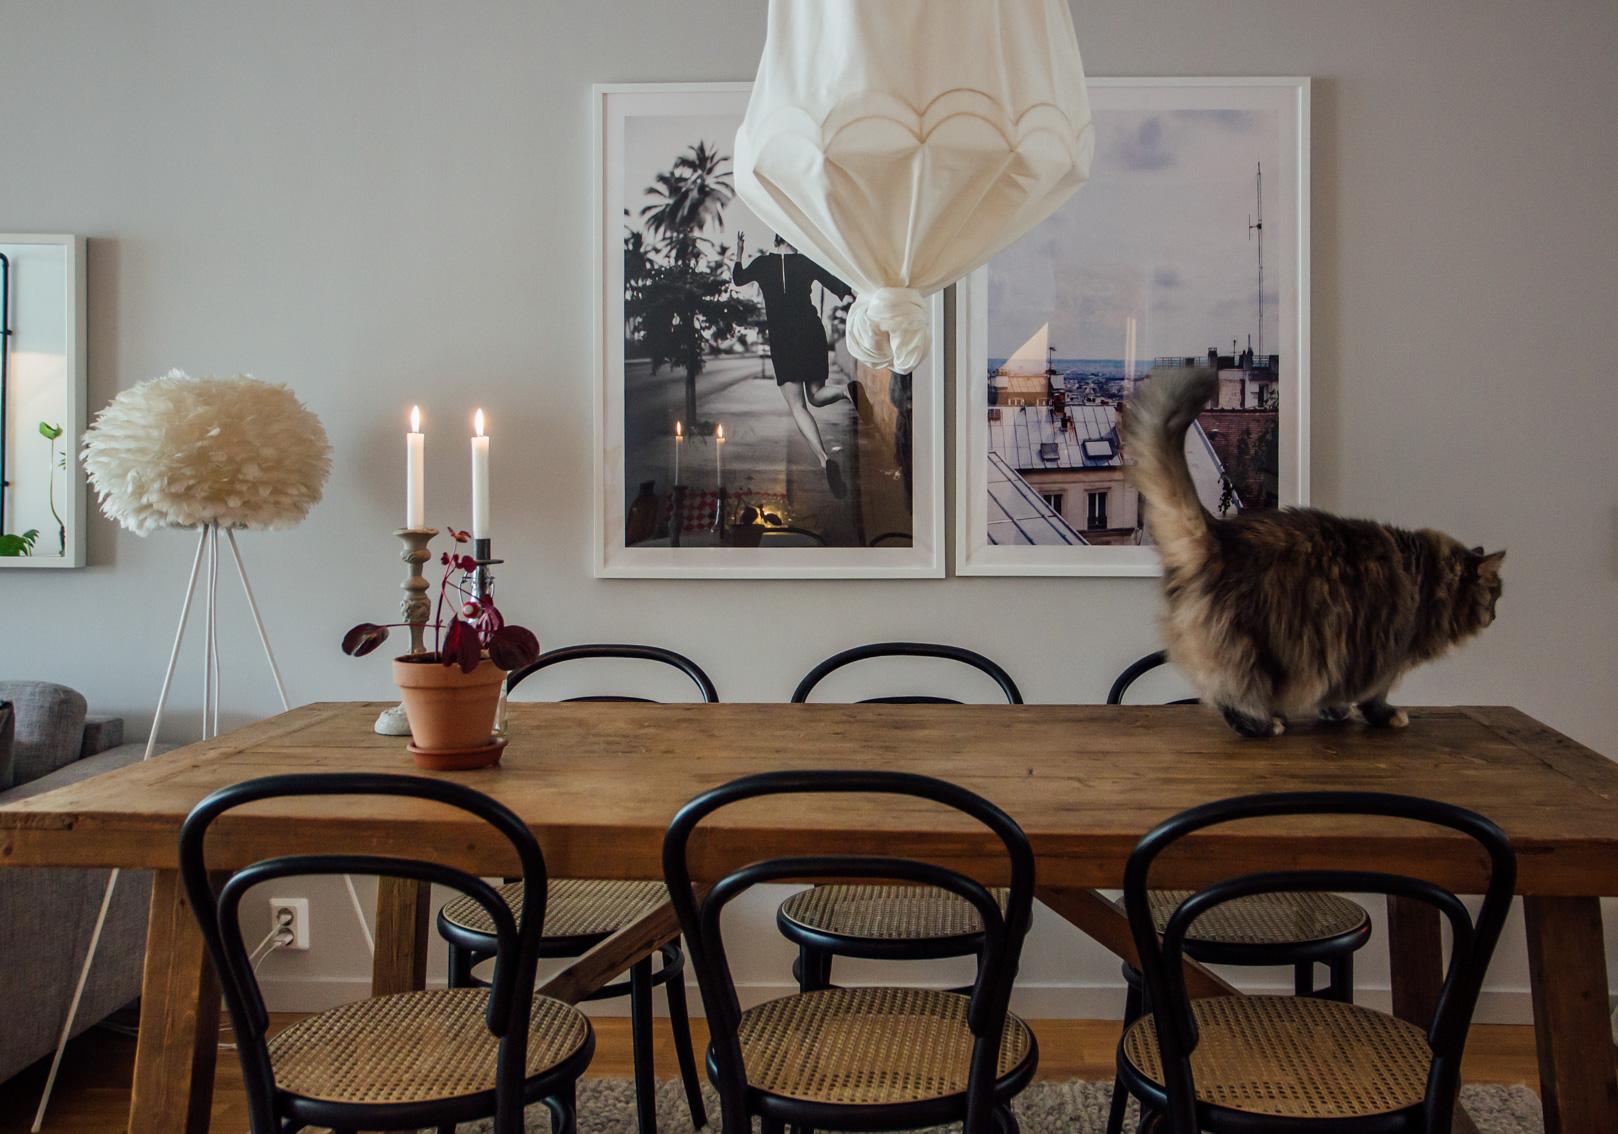 hemma hos trea matplats katt midbec tapeter